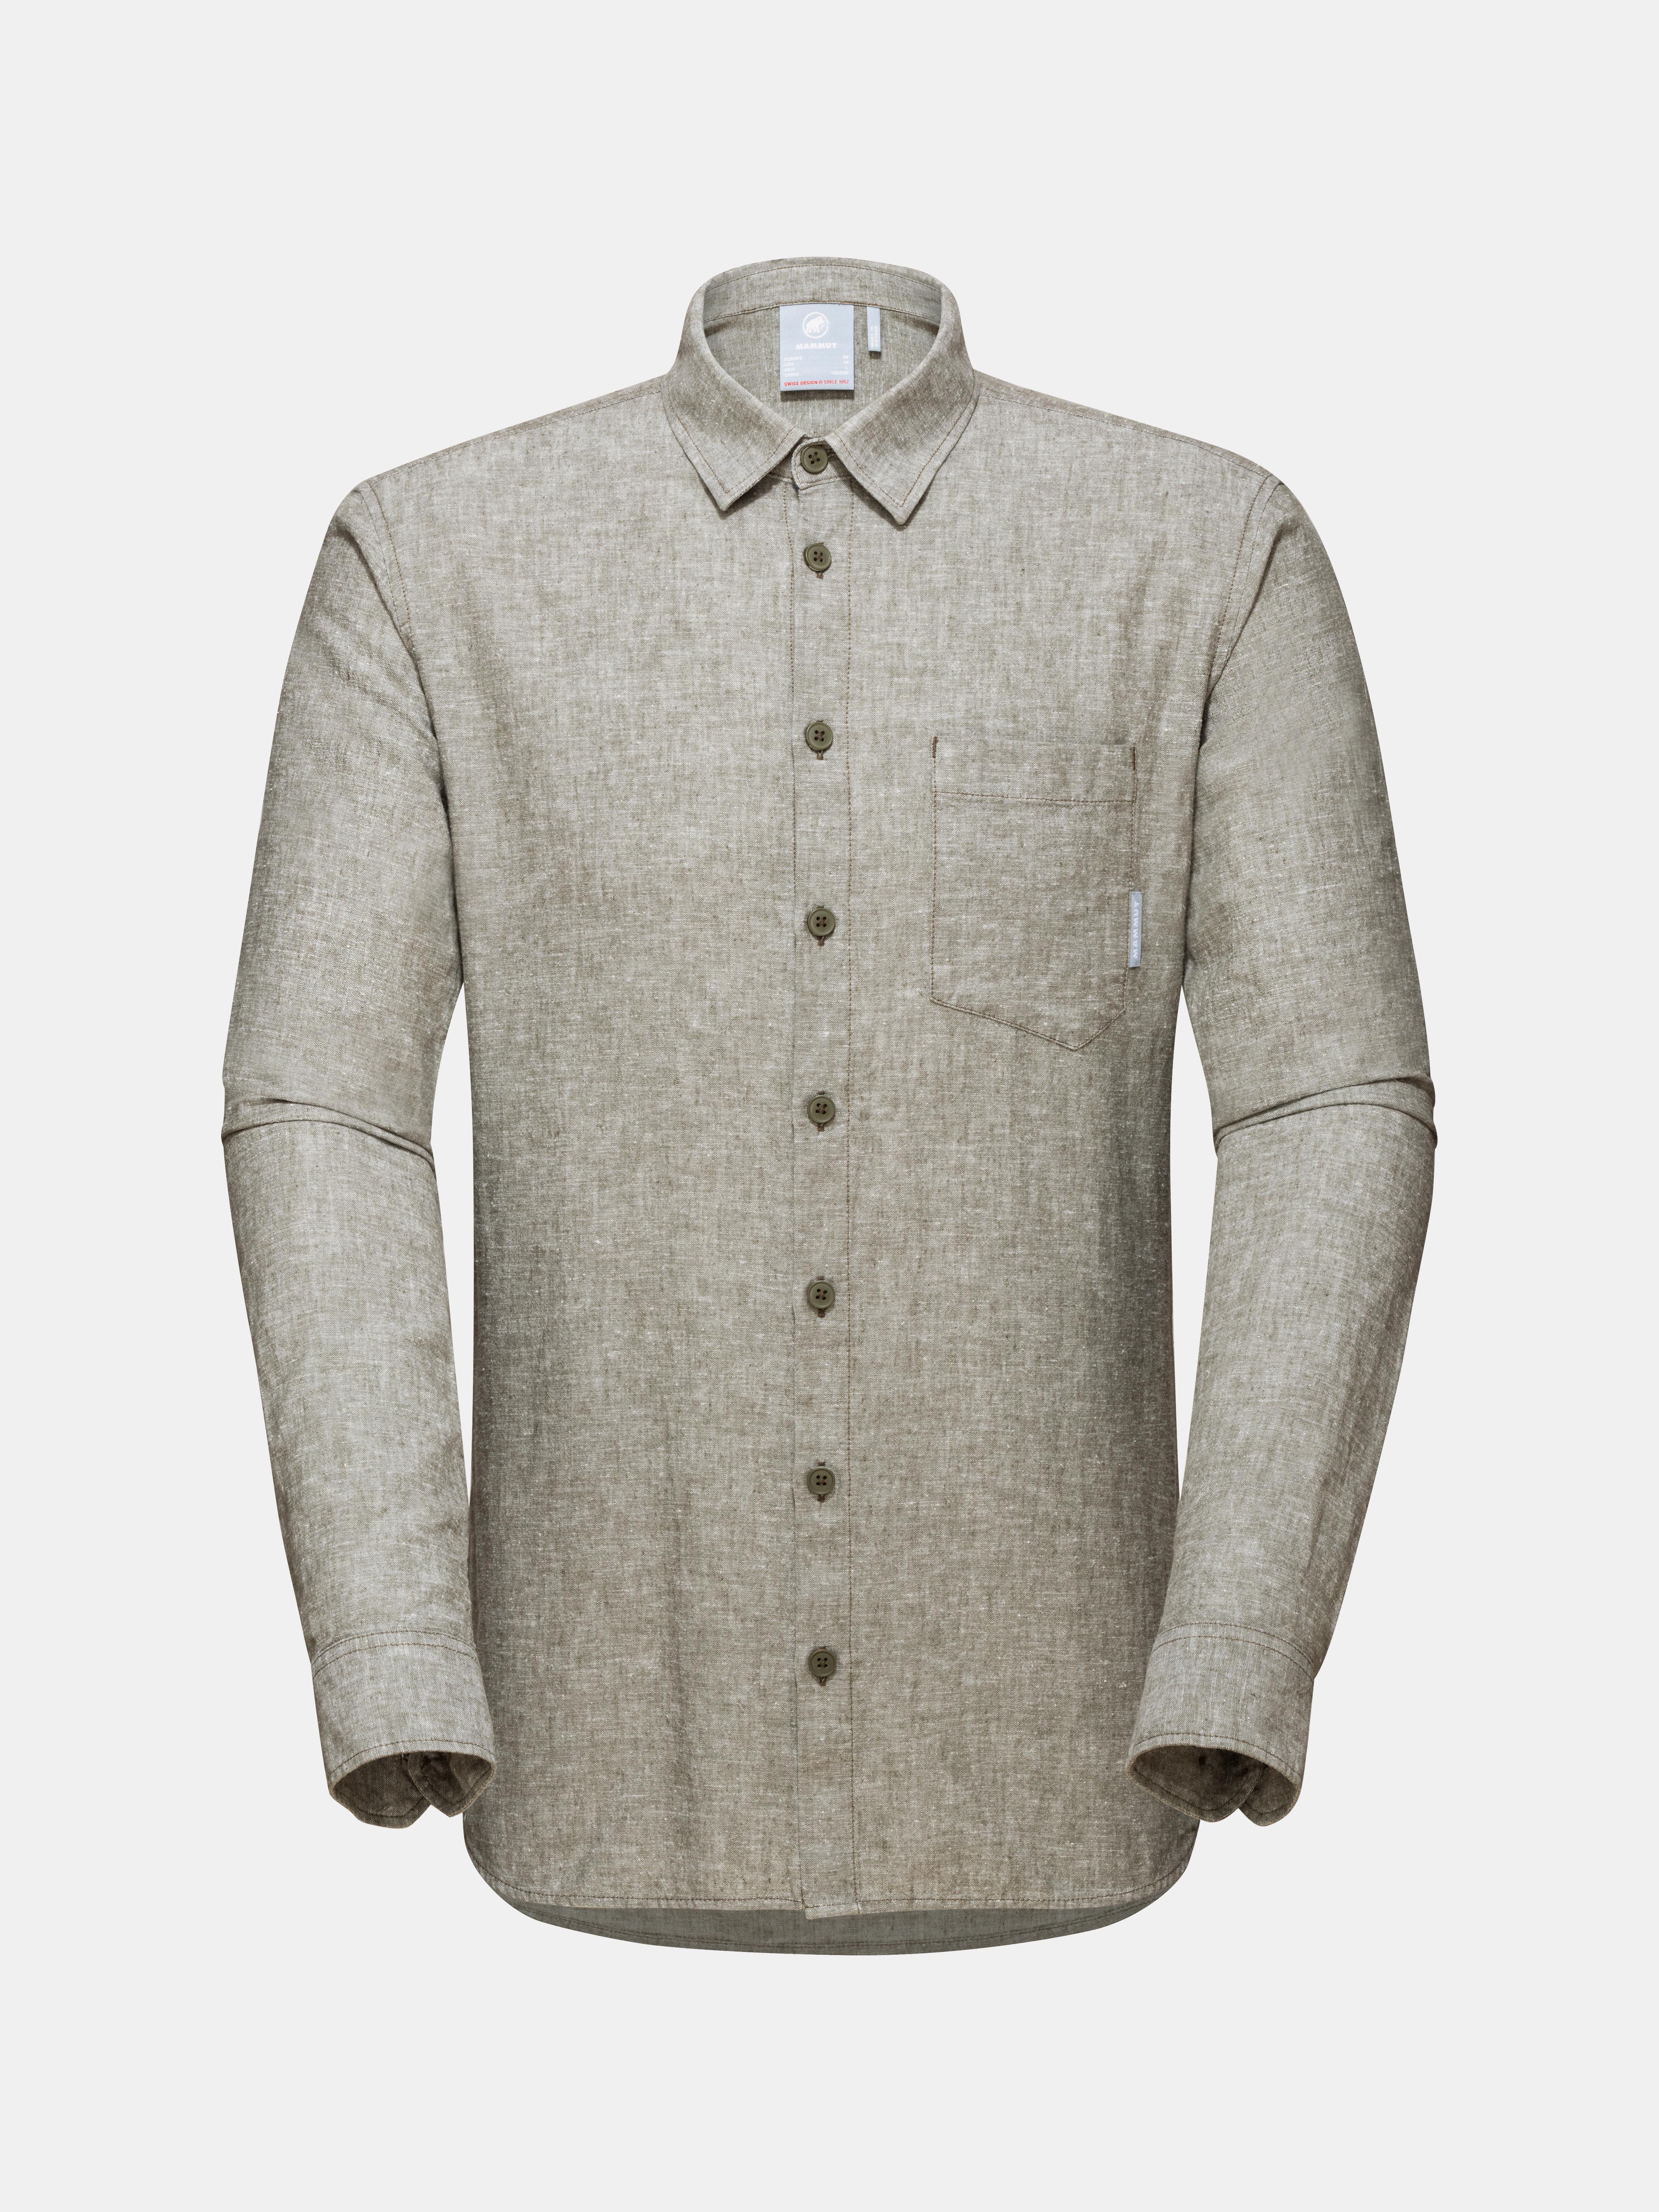 Mammut Hemp Longsleeve Shirt Men image